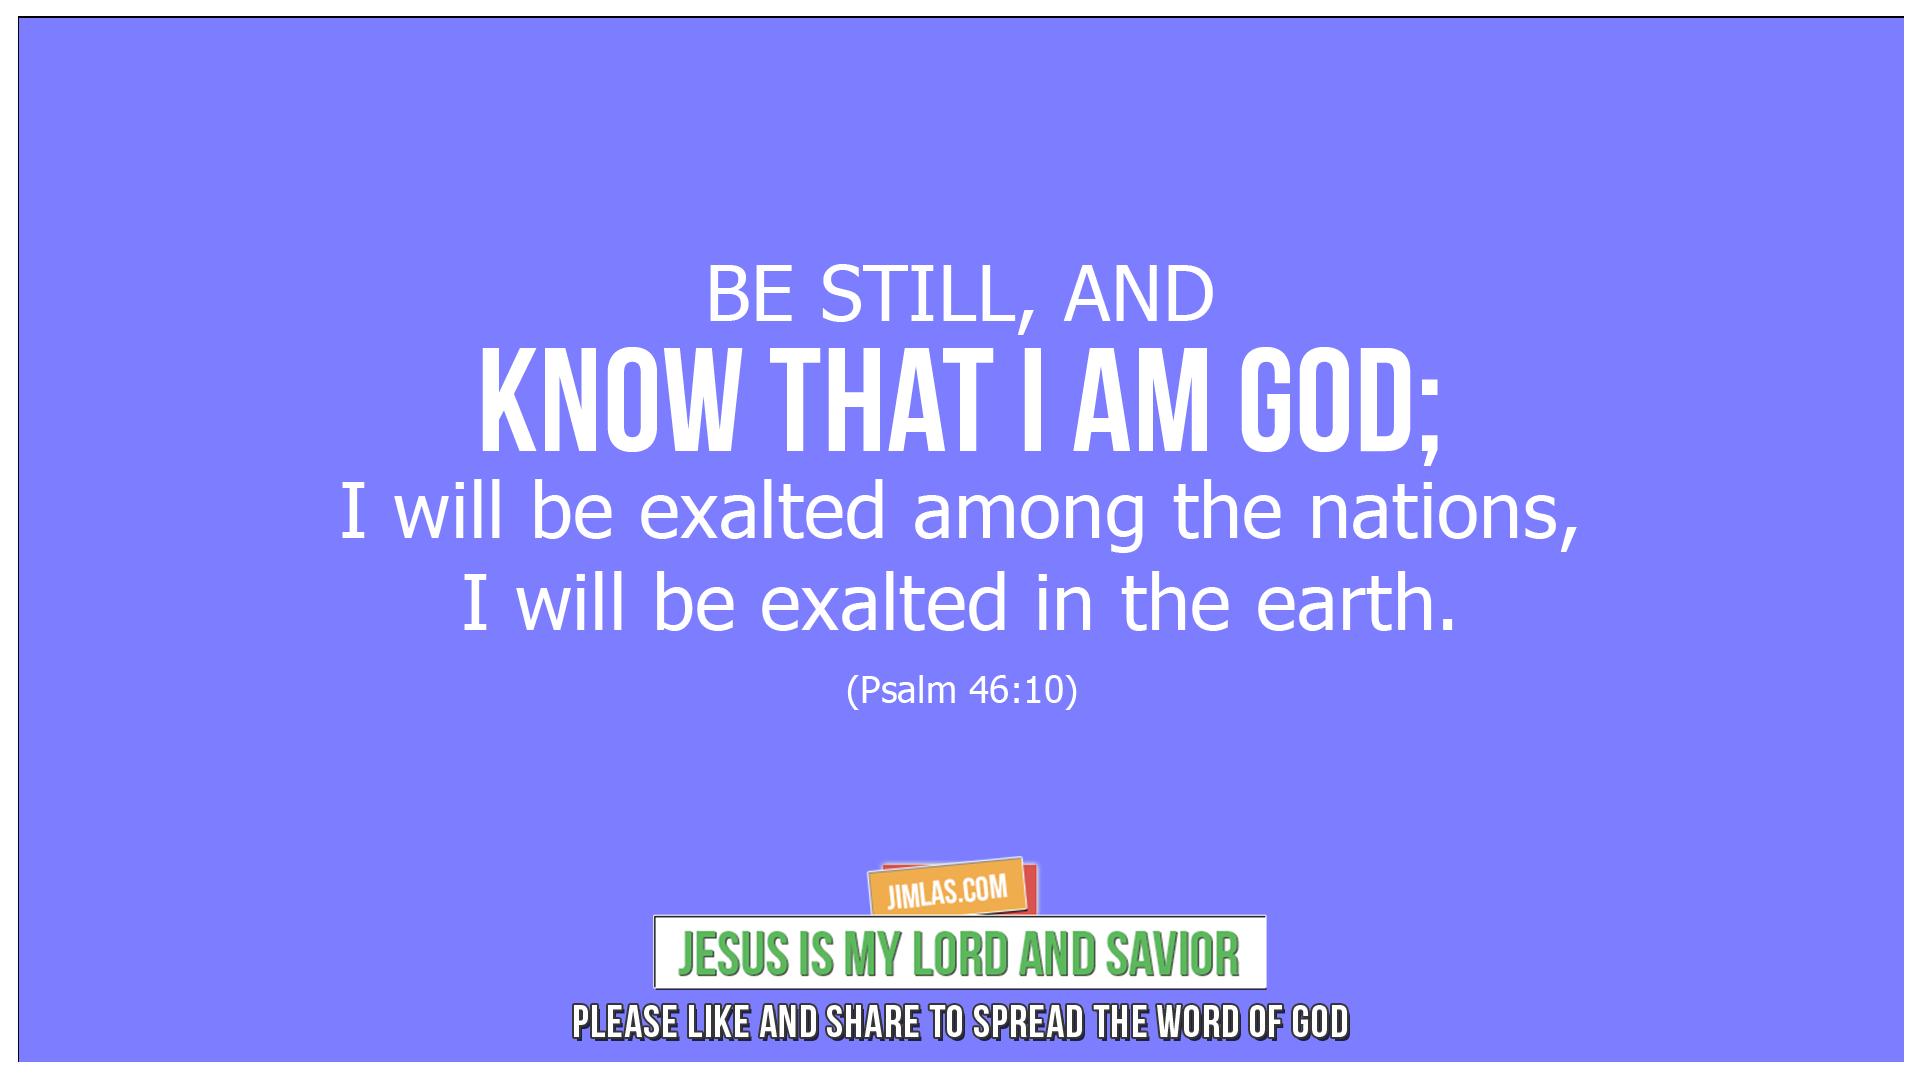 psalm 46 10, Psalm 46:10